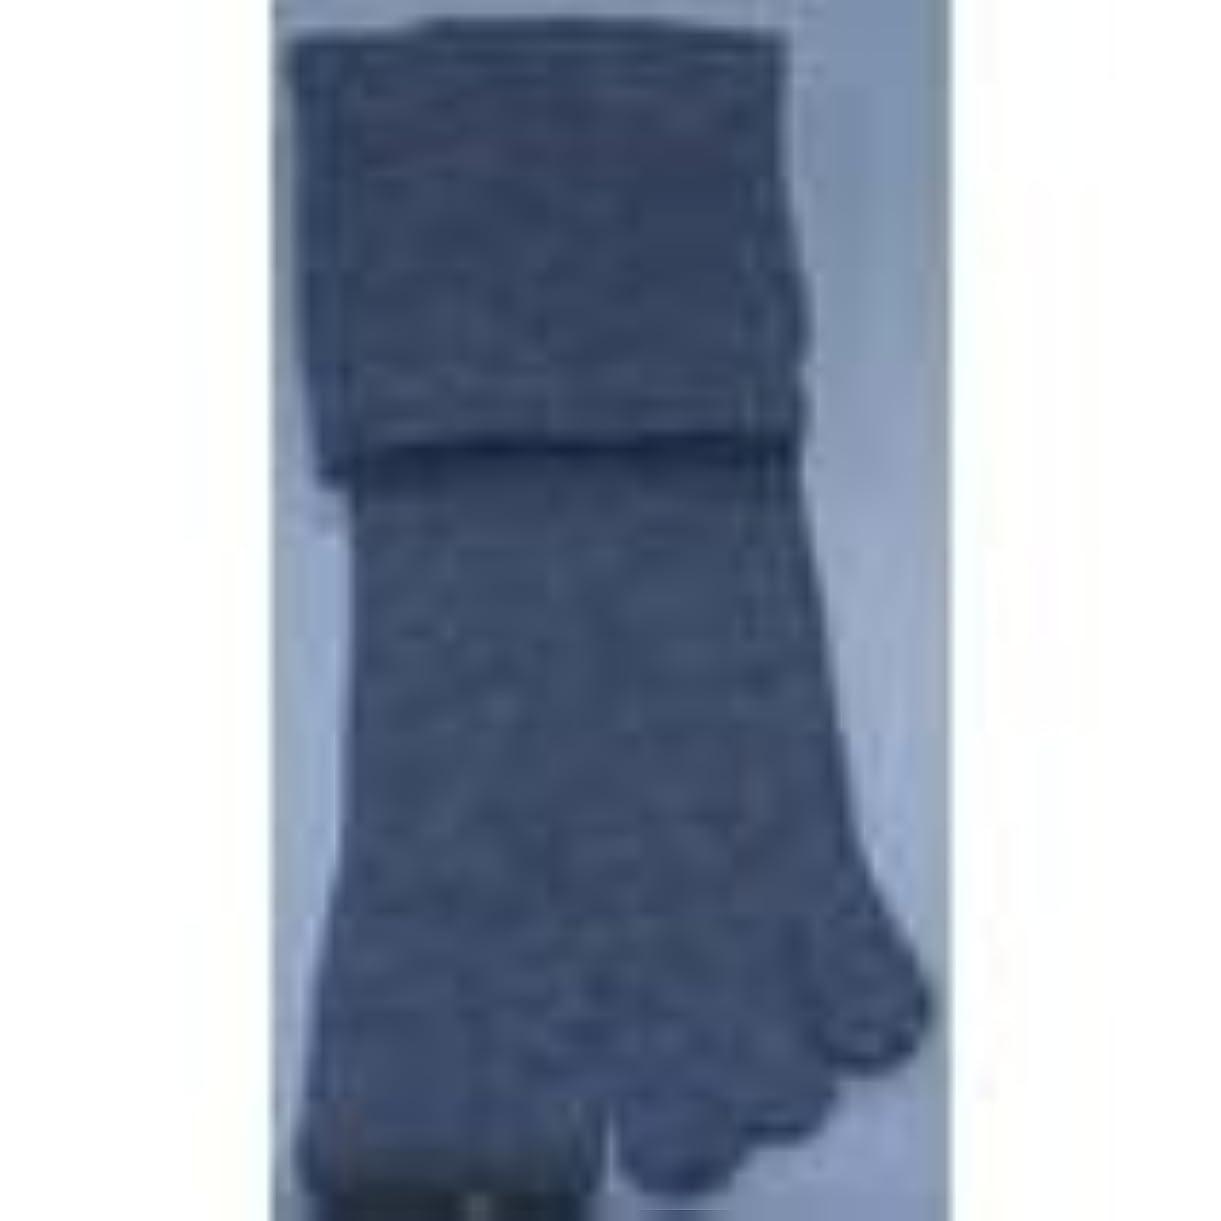 認知聴覚障害者証言する足裏安定5本指靴下(M(24-26cm), グレー)